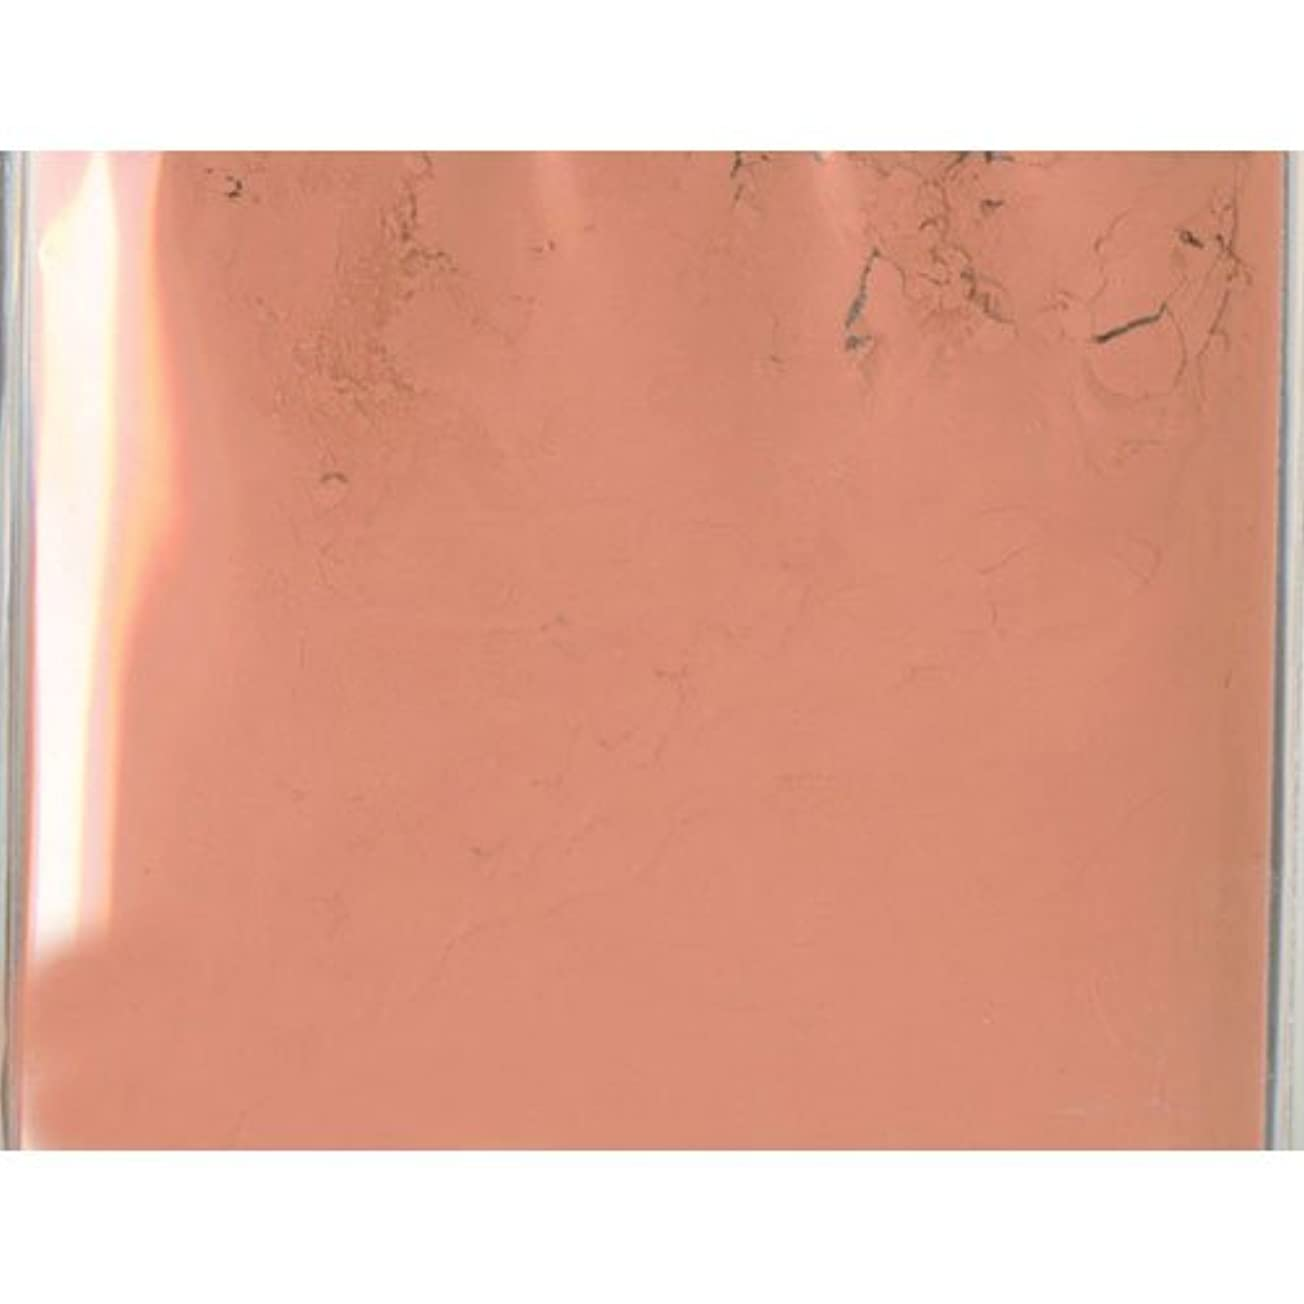 懲戒給料頑張るピカエース ネイル用パウダー ピカエース カラーパウダー 透明顔料 #982 ナチュラルブラウン 2g アート材